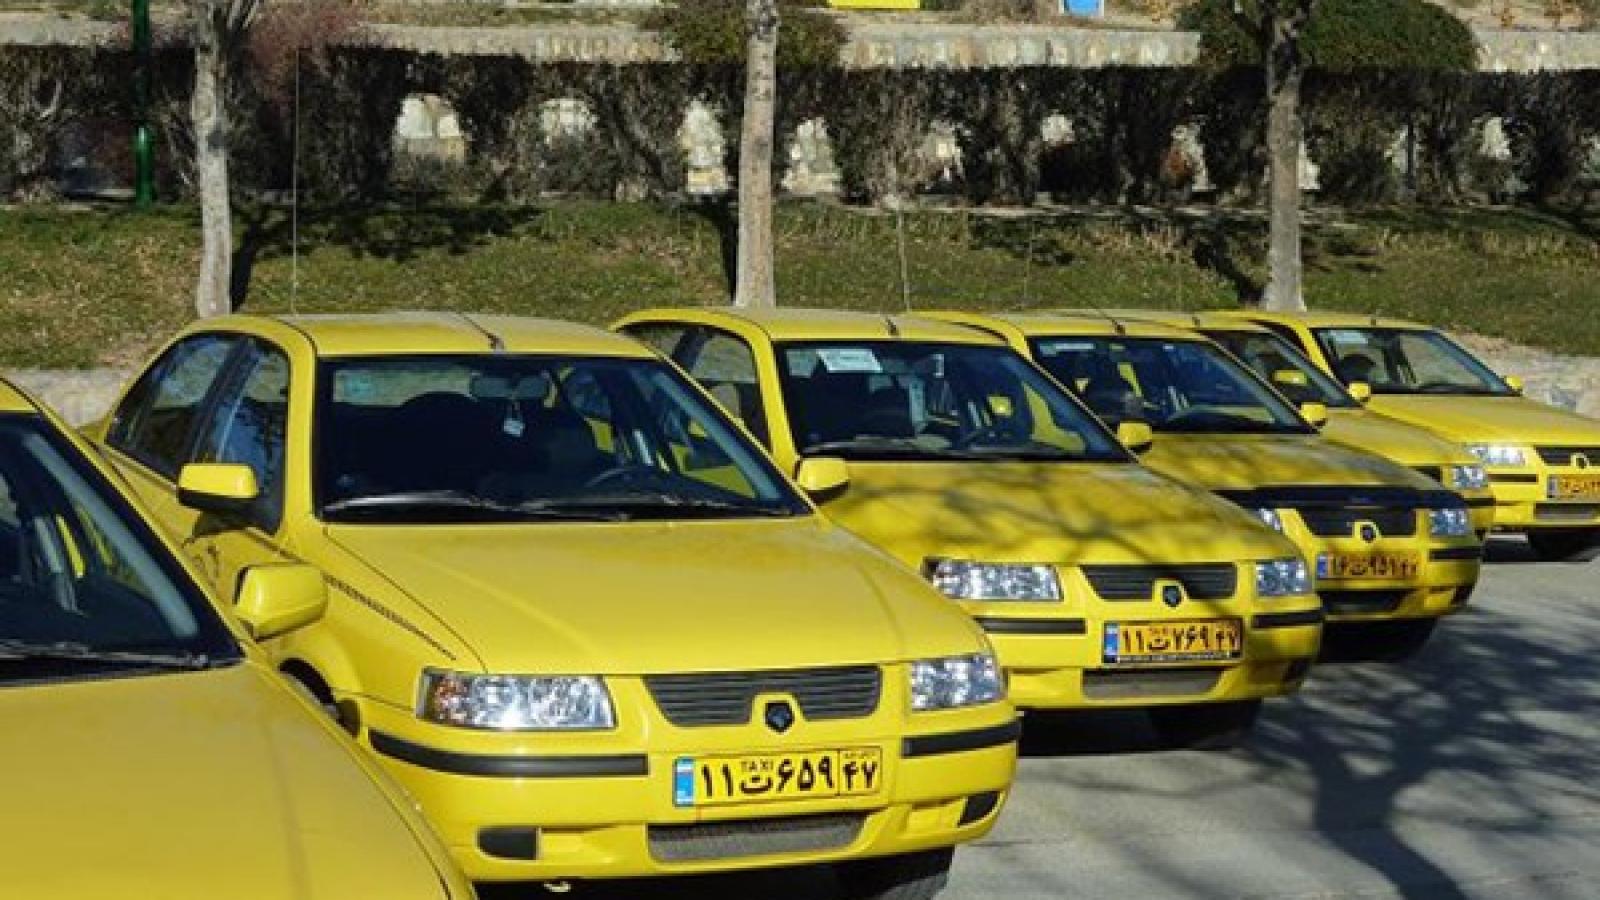 بیش از 5 هزار راننده تاکسی با خط سفید آشنا شدند - اجاره خودرو طباطبایی